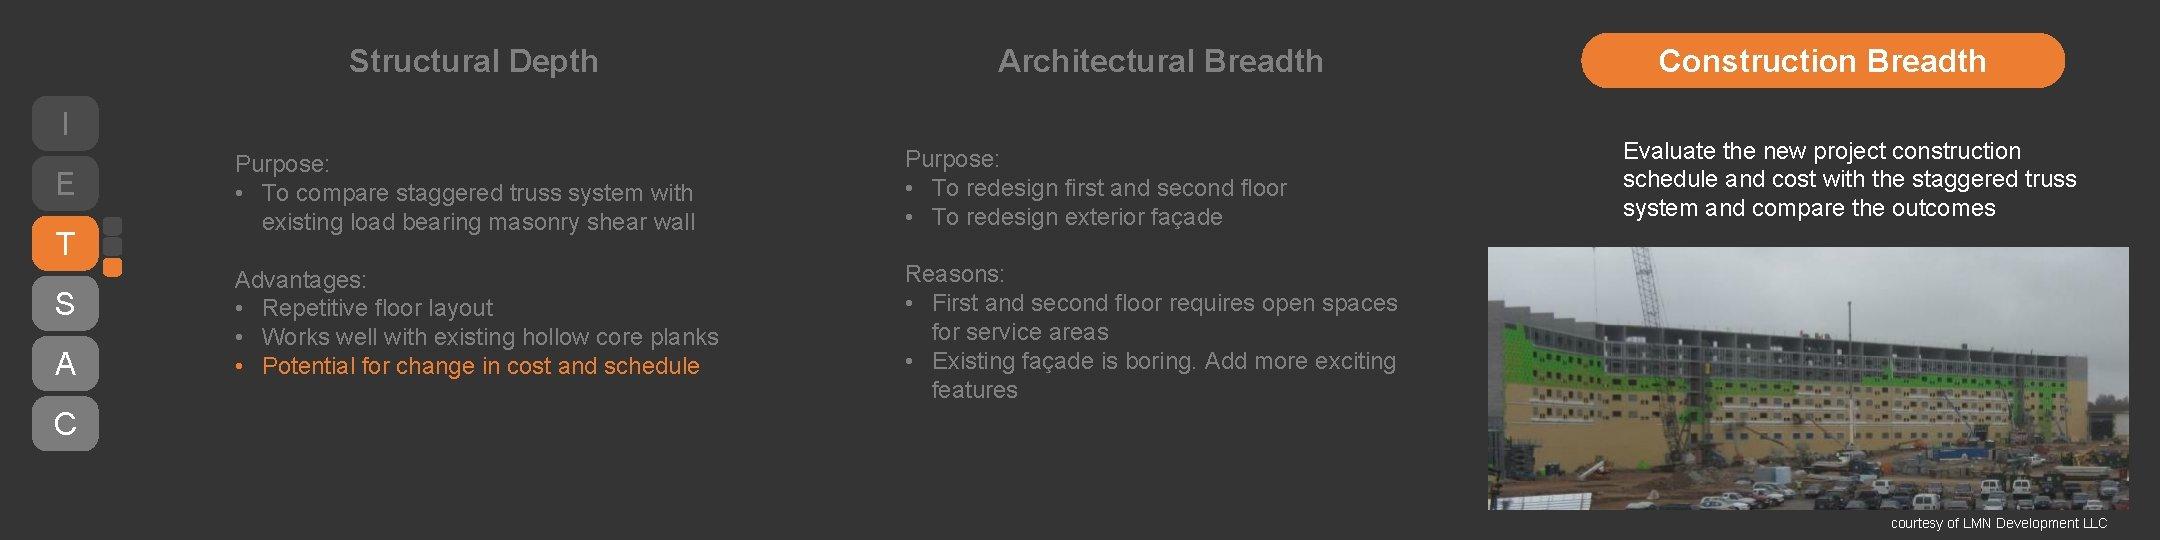 Structural Depth Architectural Breadth I E T S A Purpose: • To compare staggered